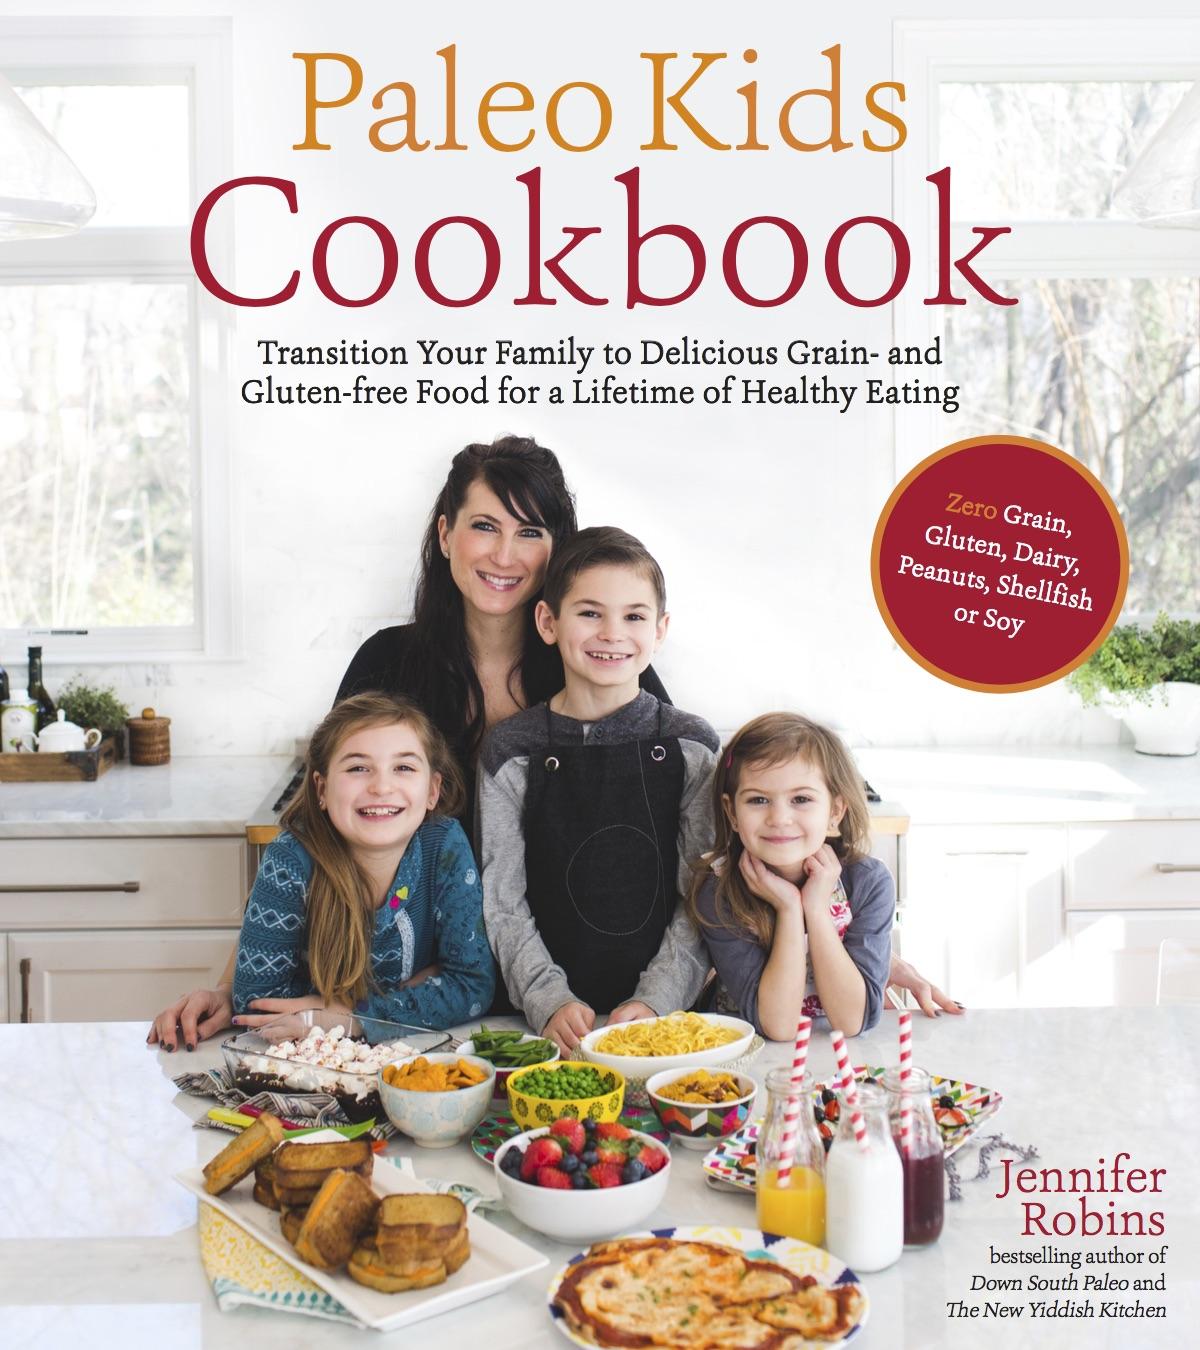 Paleo Kids Cookbook